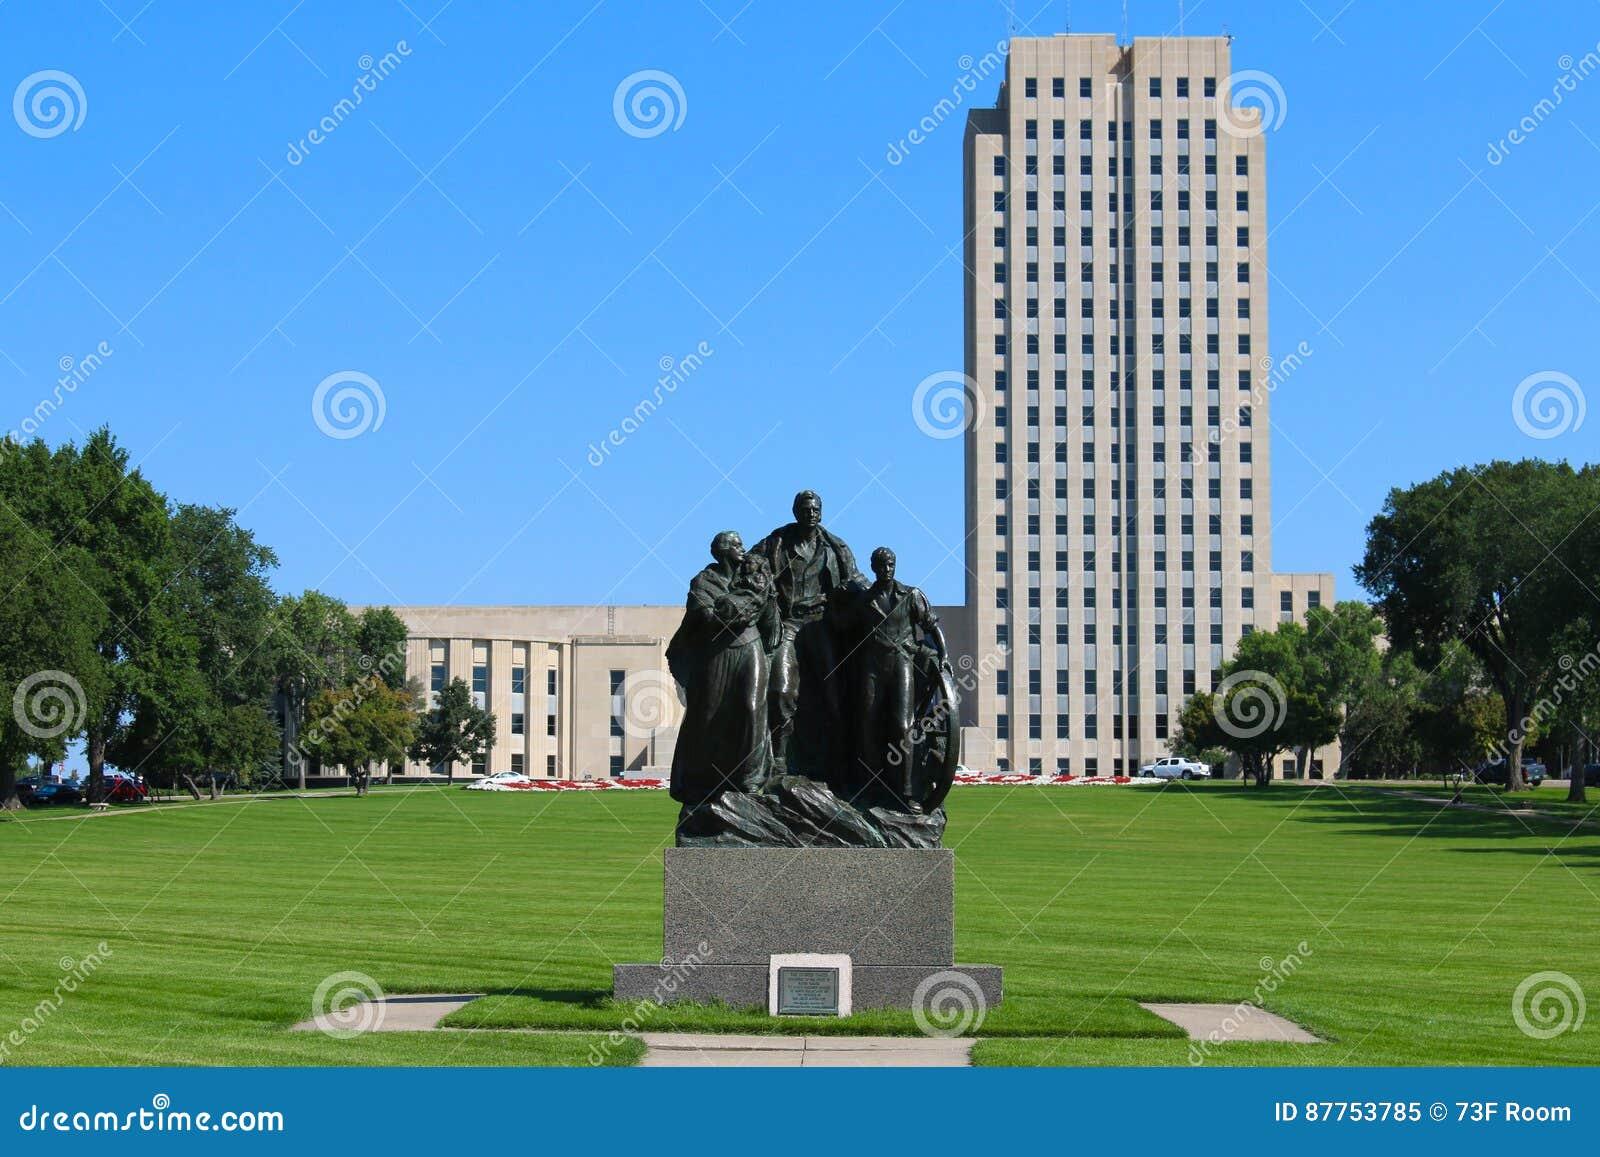 North Dakota statcapitol